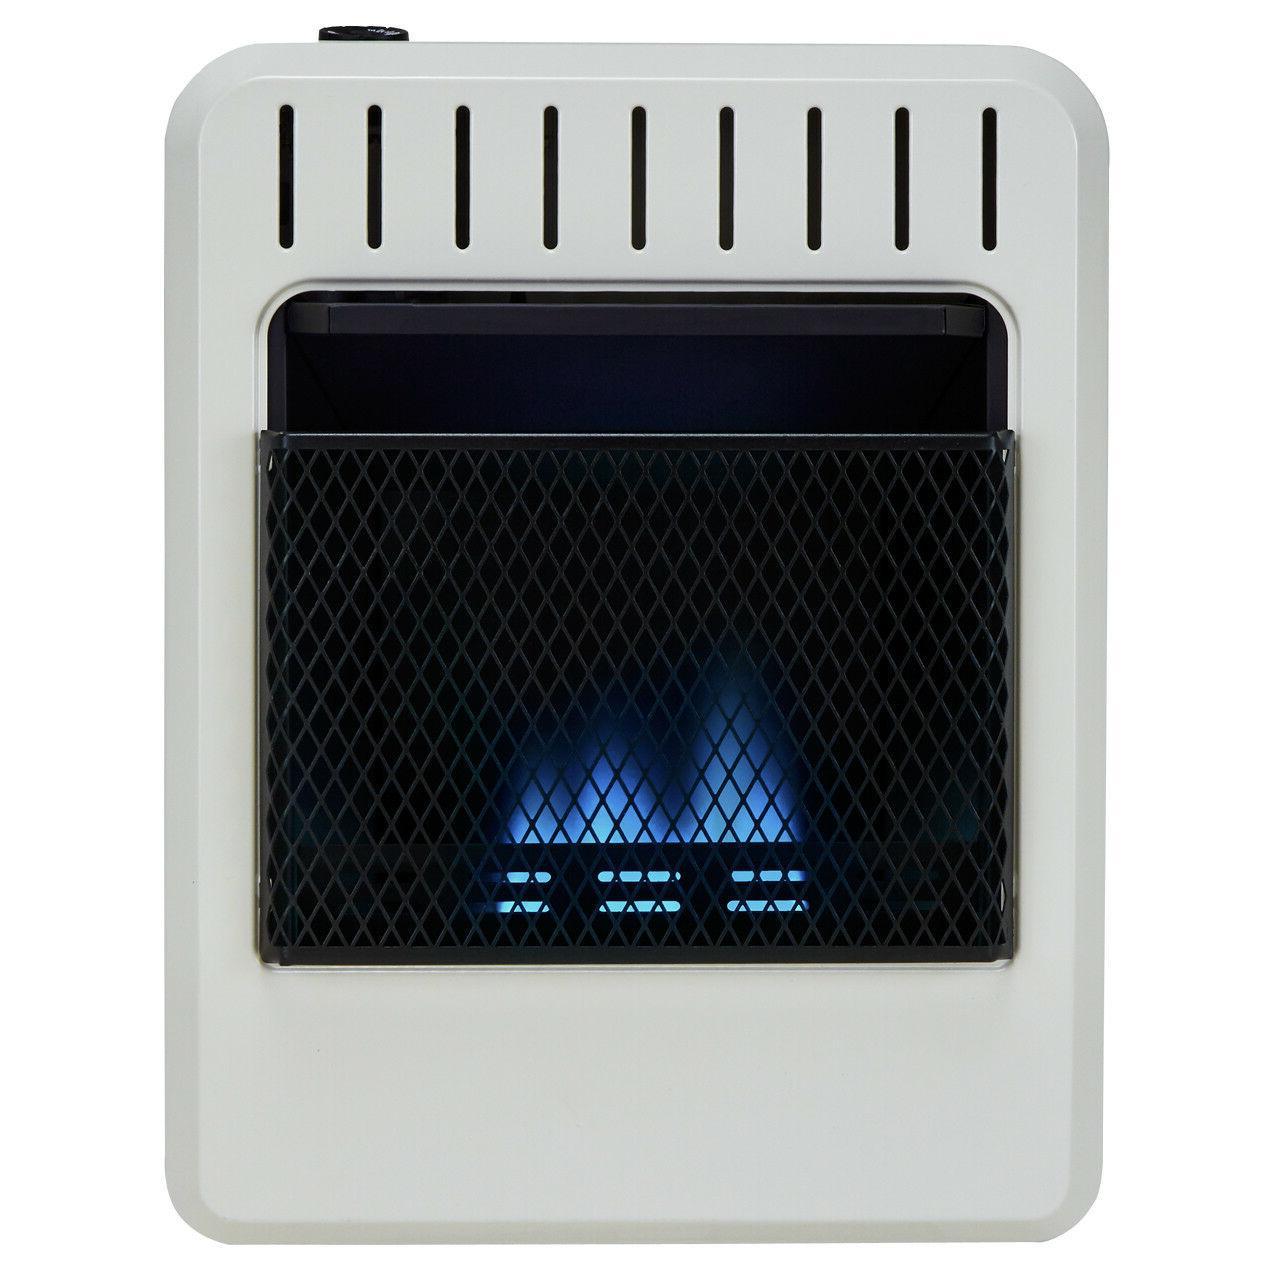 Avenger Dual Ventless Blue Heater, Free BTU